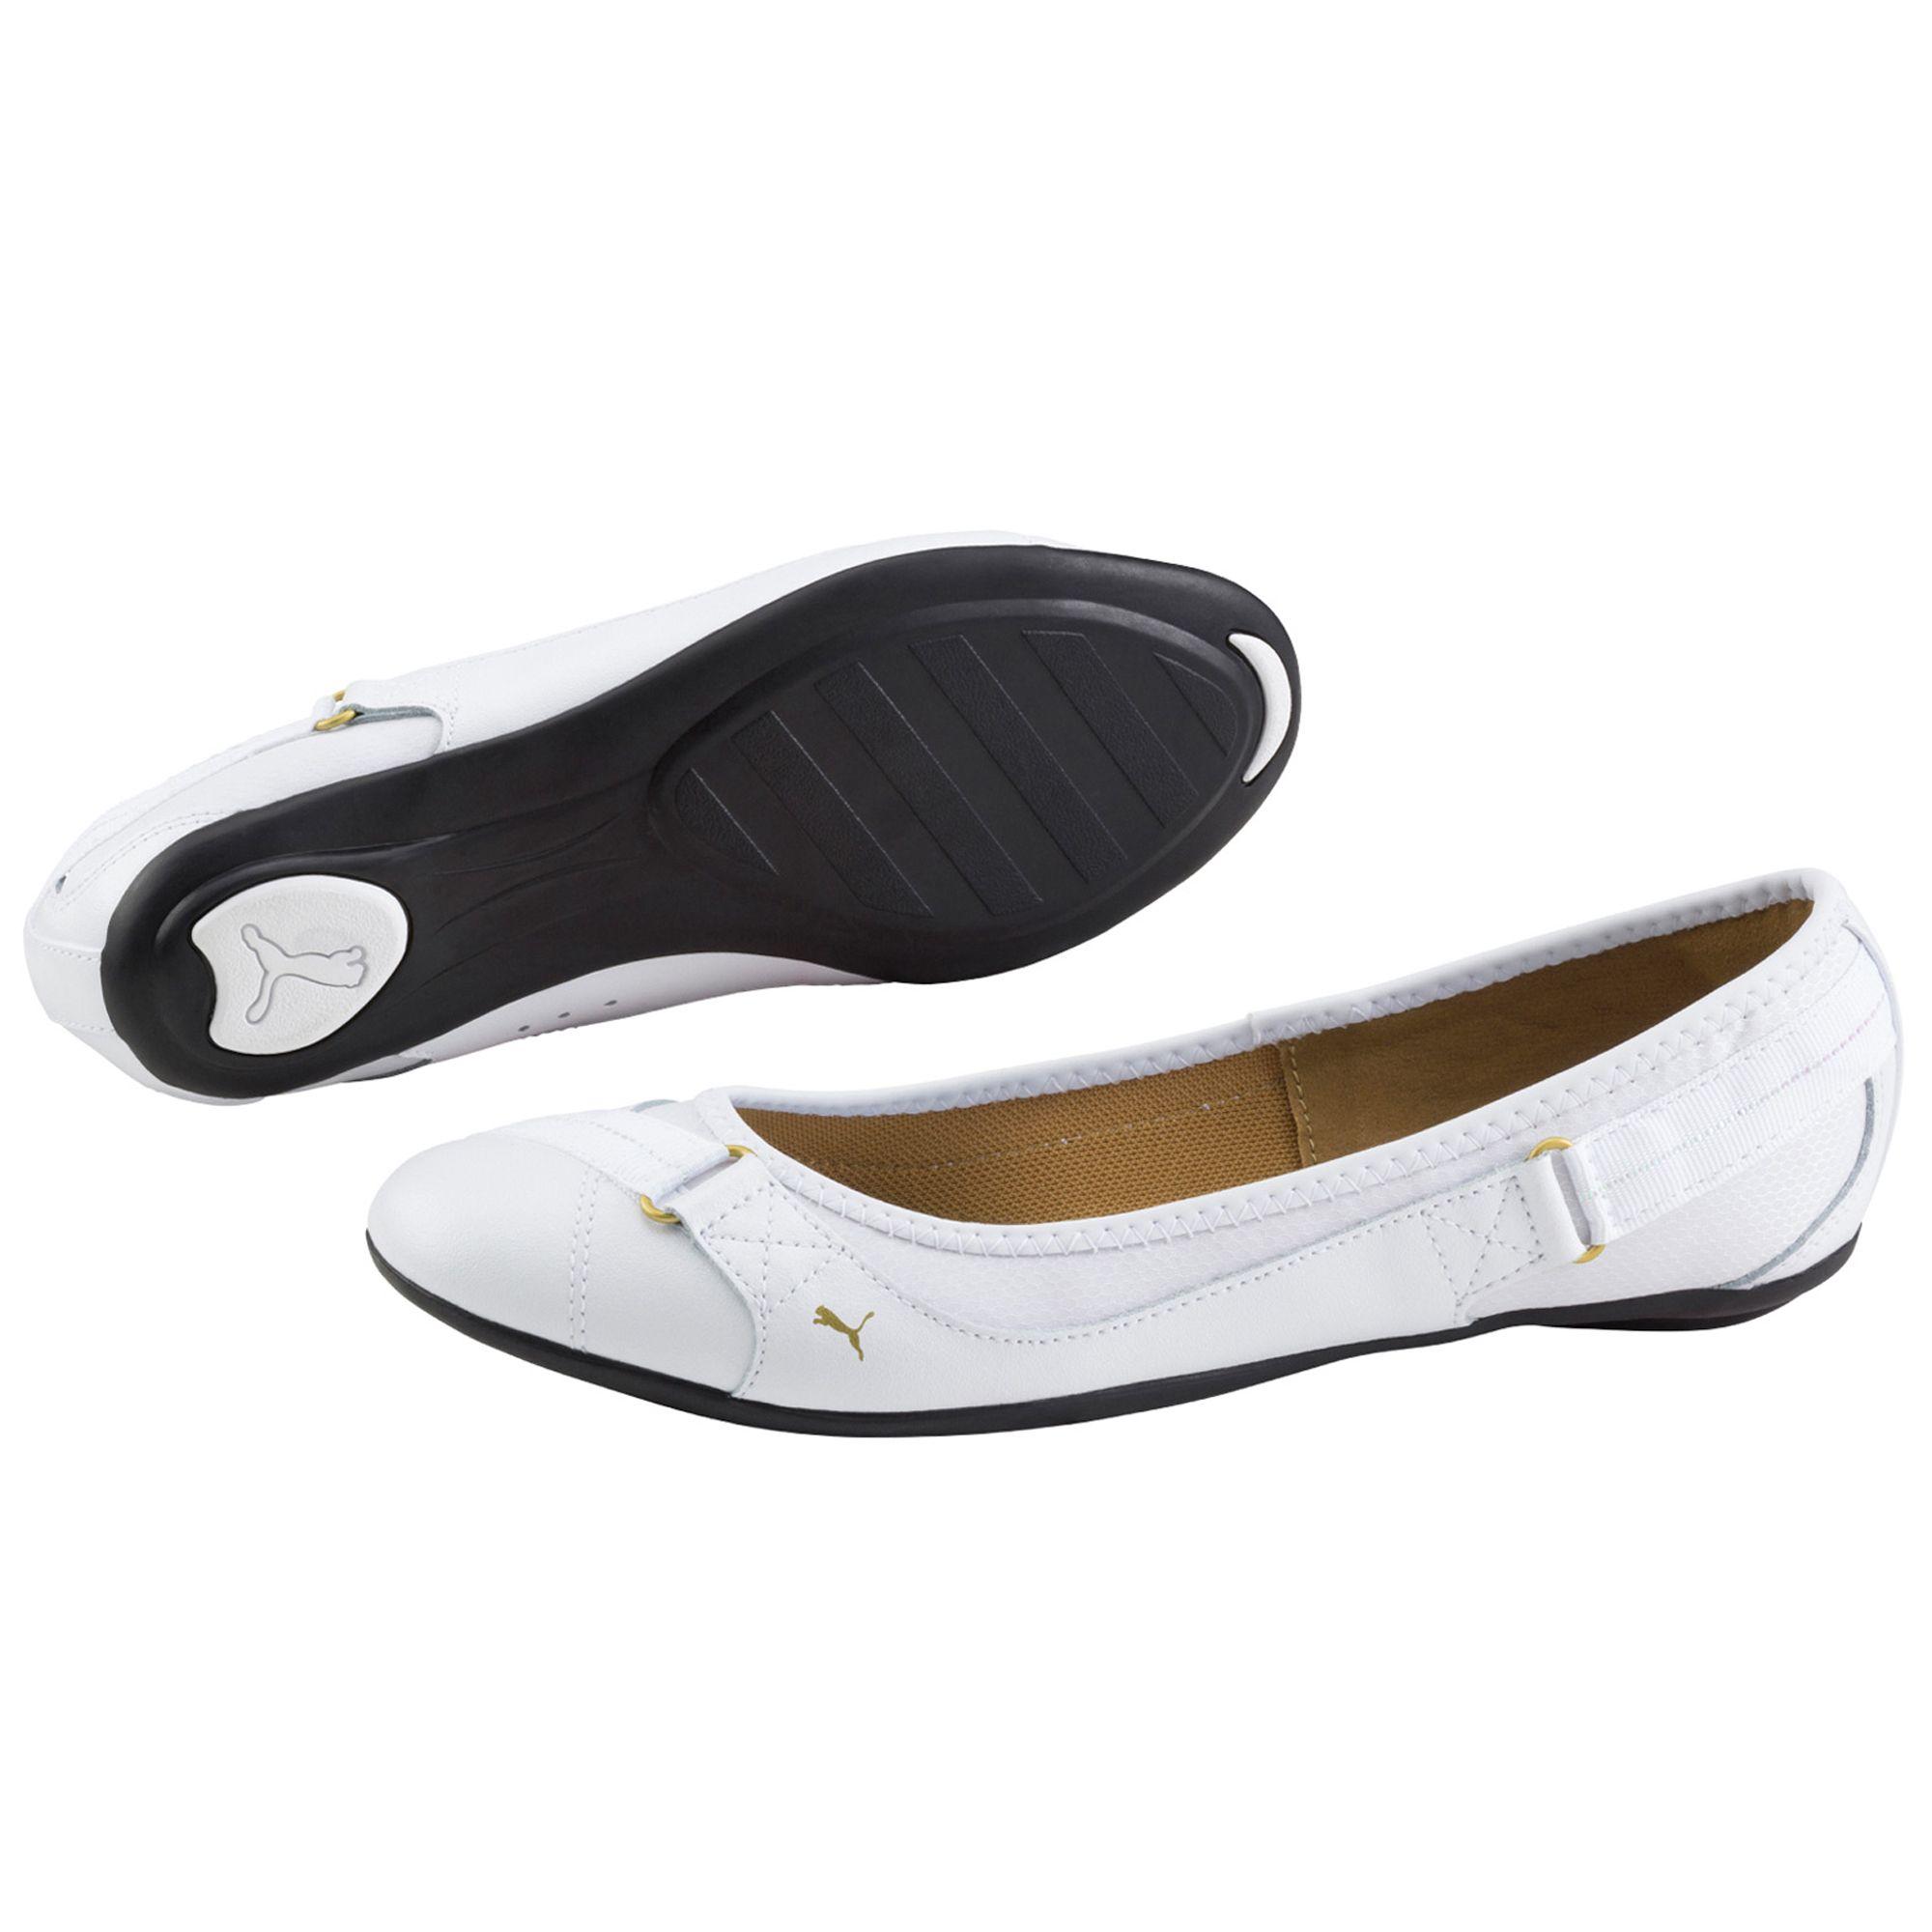 Neu Shine Z5xawq Damen Schuhe Modern Bixley Ballerinas Ebay Sport ...